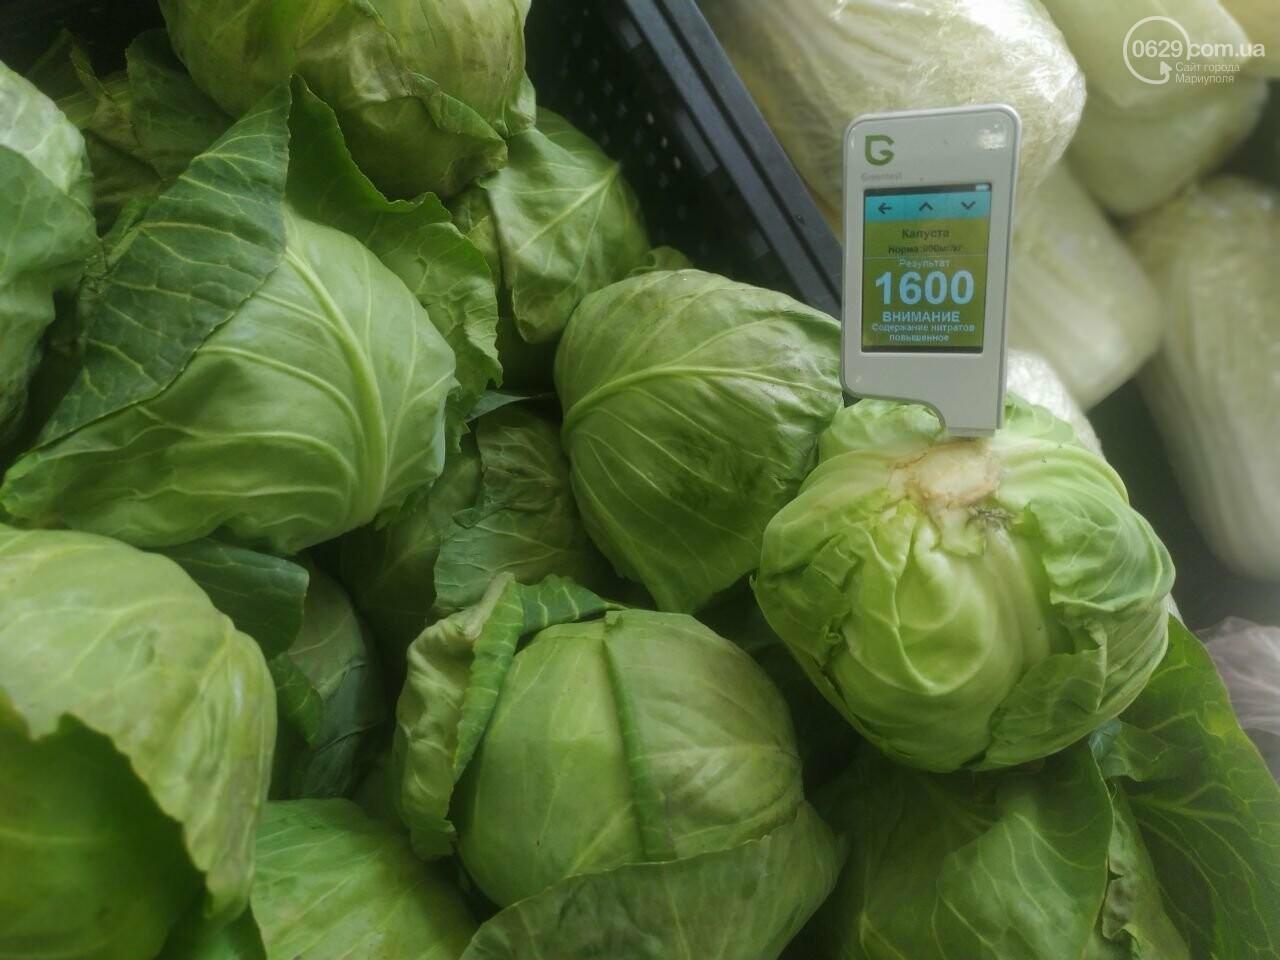 Осторожно, нитраты! В супермаркетах Мариуполя продают опасную редиску и капусту, - ФОТО, фото-9